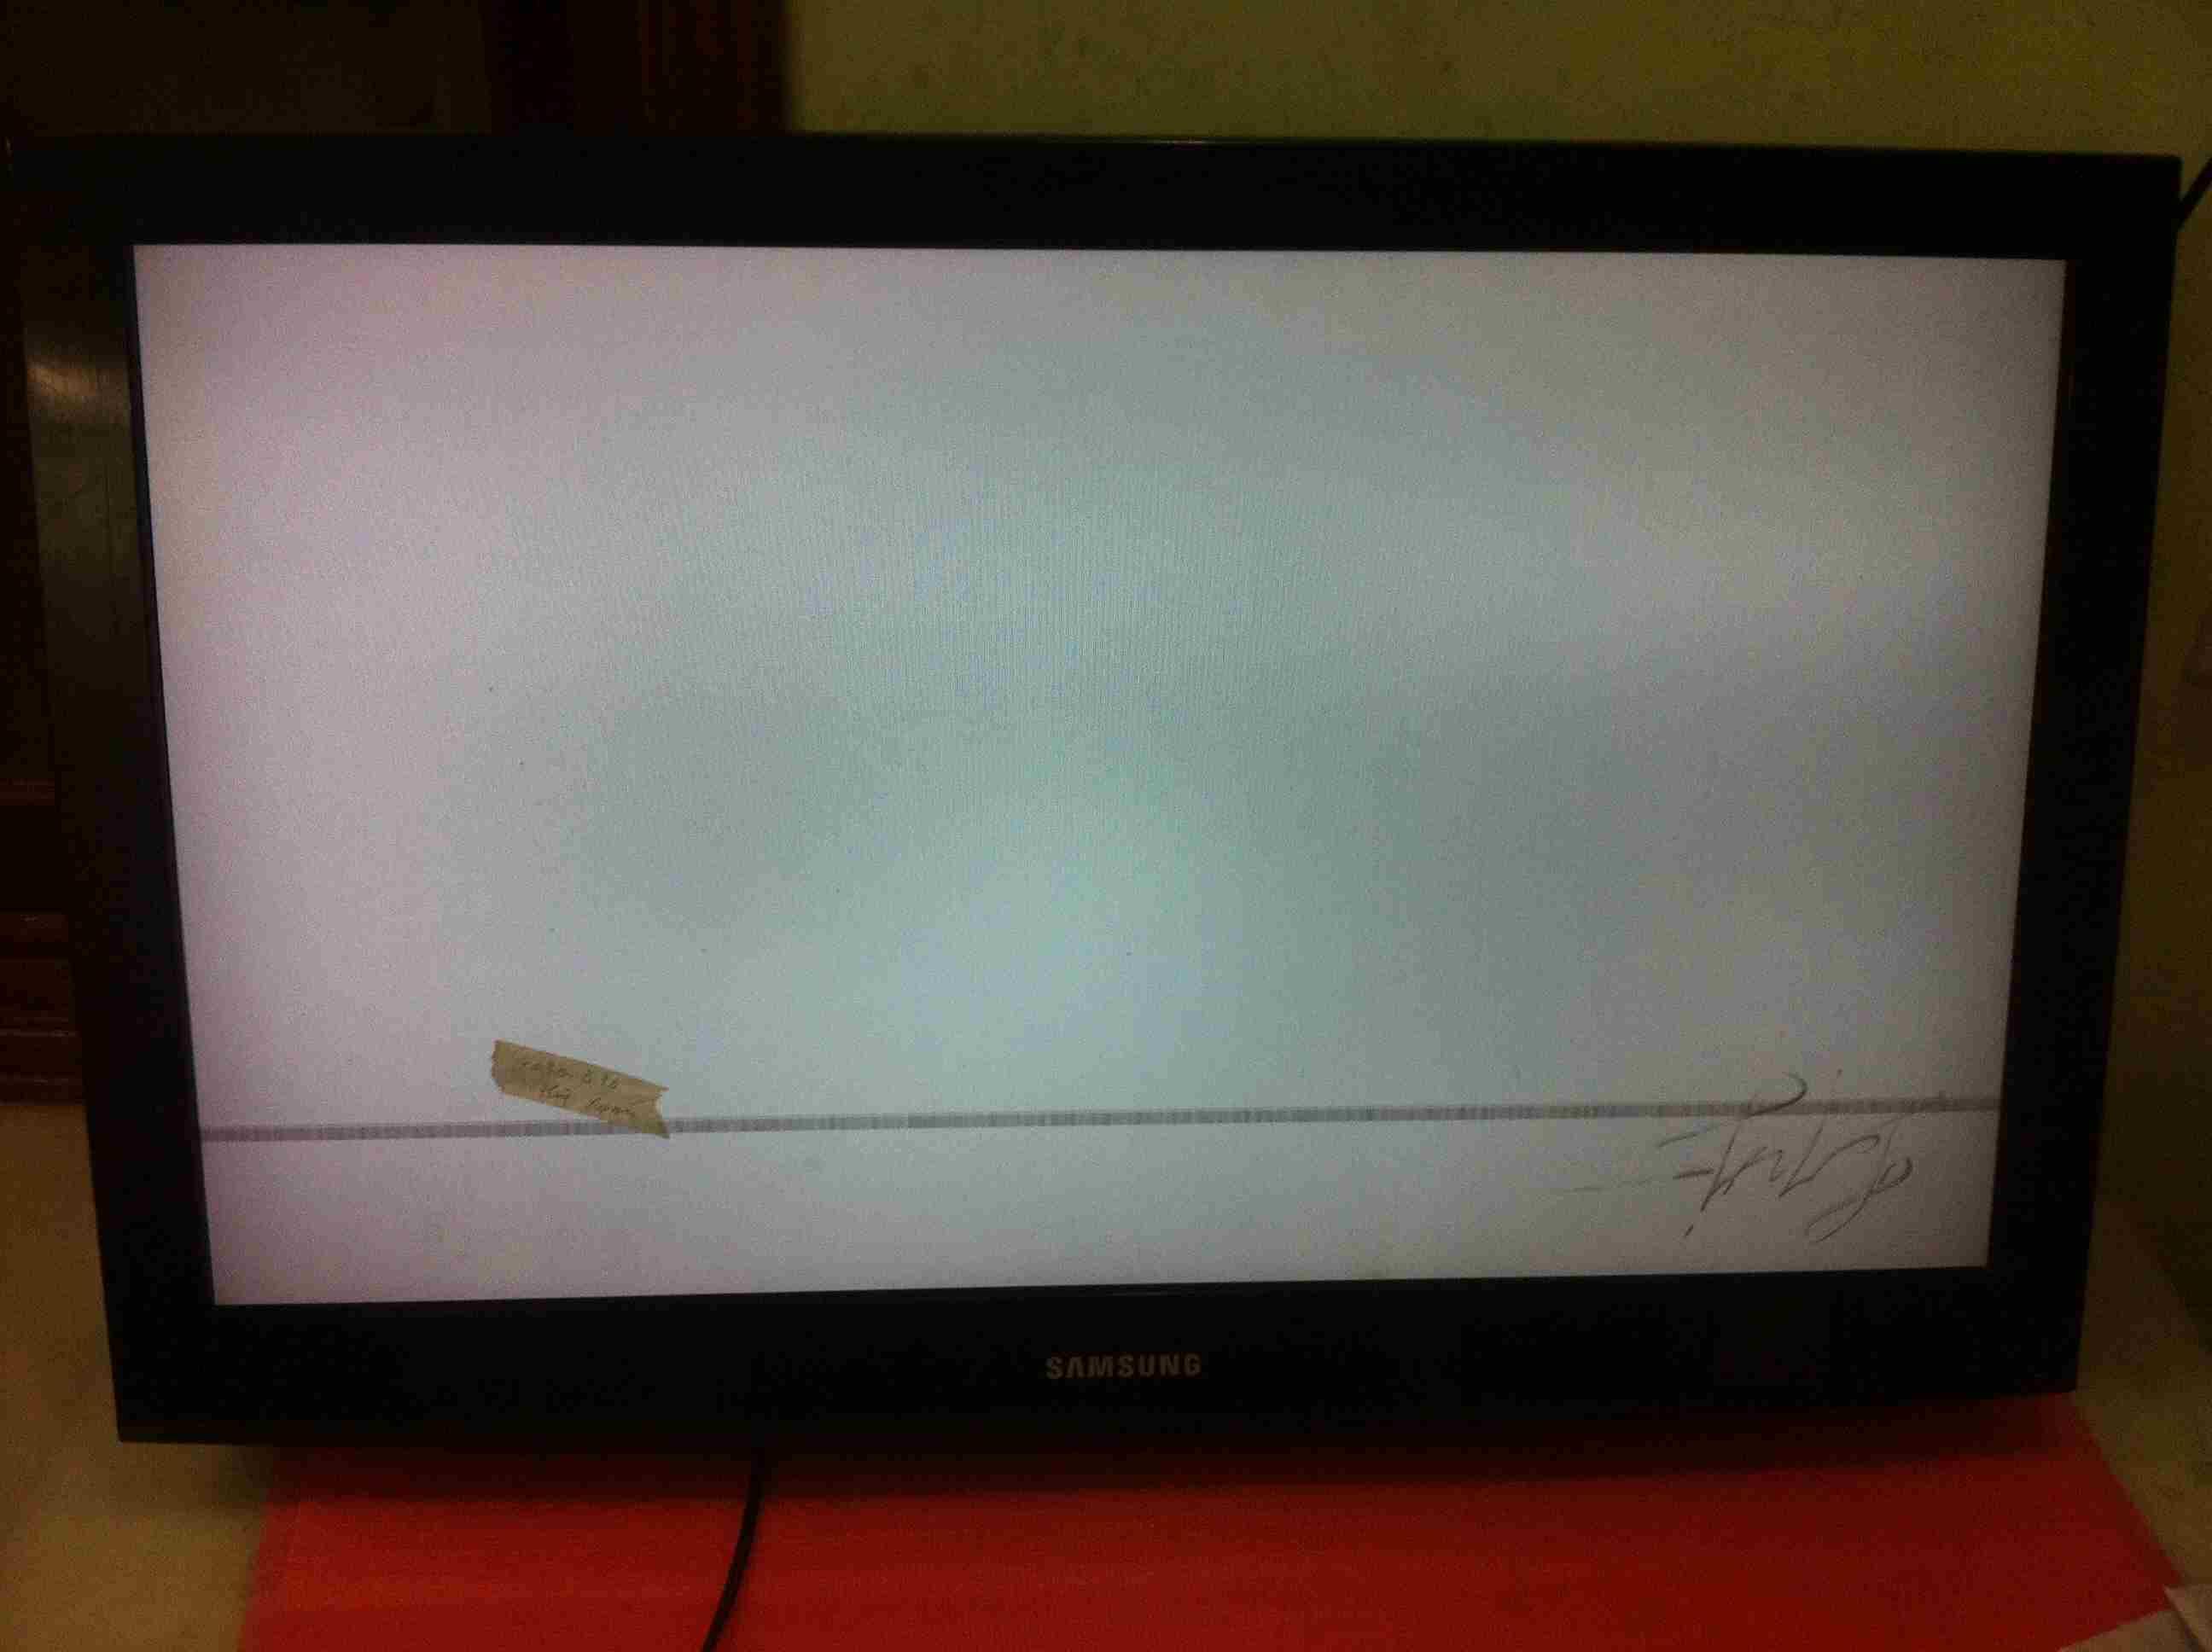 tivi samsung bị hỏng màn hình